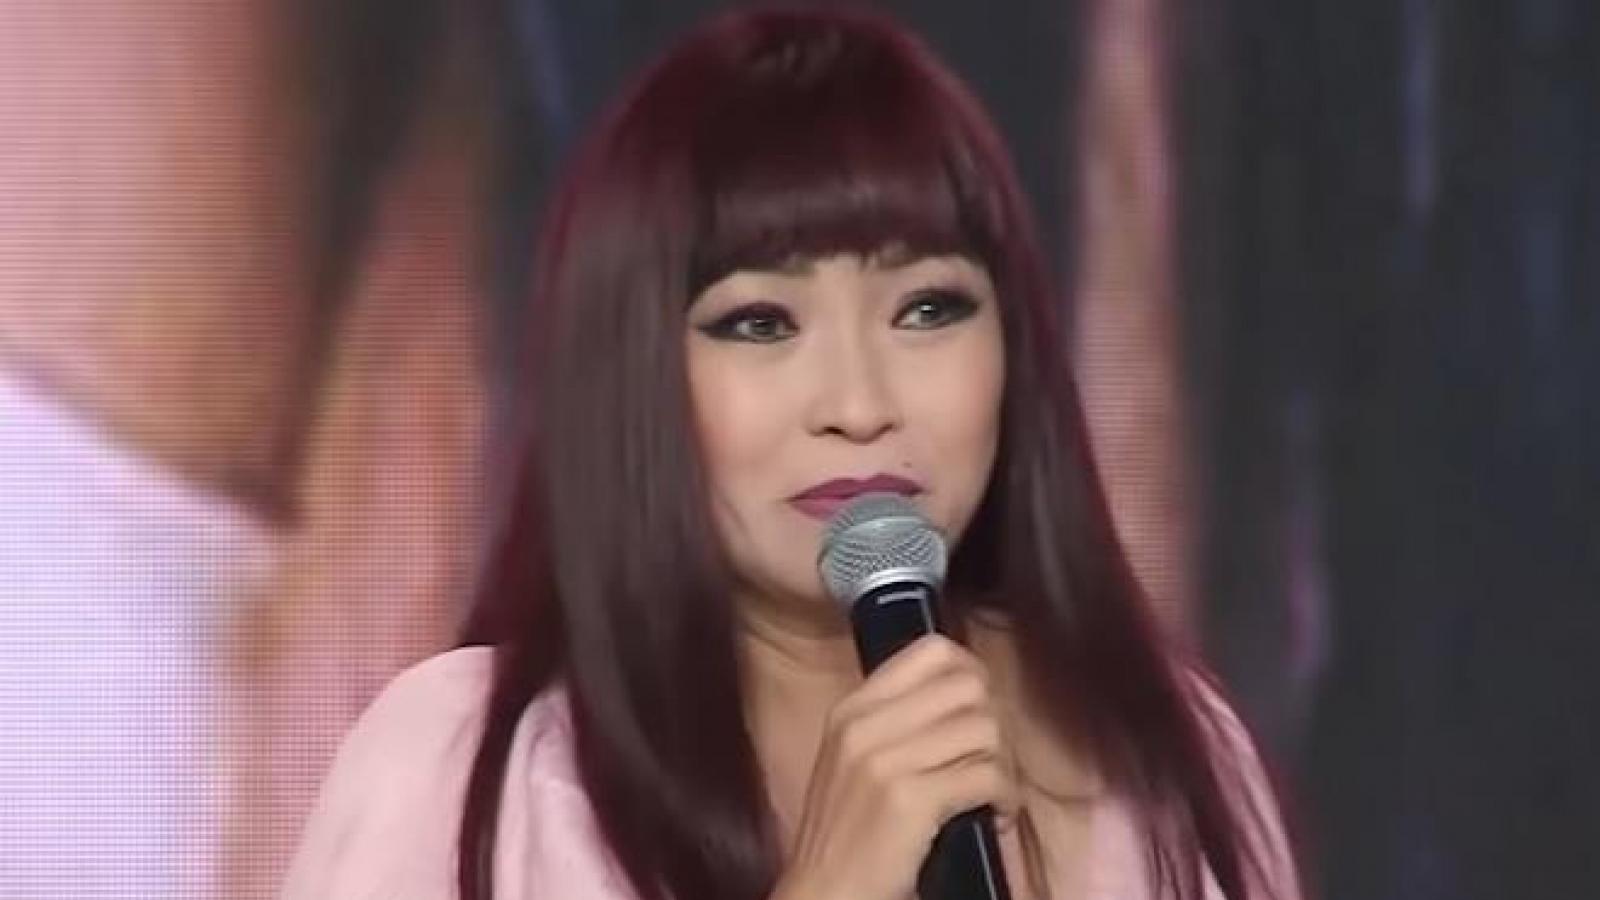 Sau phát ngôn khiến người dân Quảng Ngãi bức xúc, ca sĩ Phương Thanh mong gì?